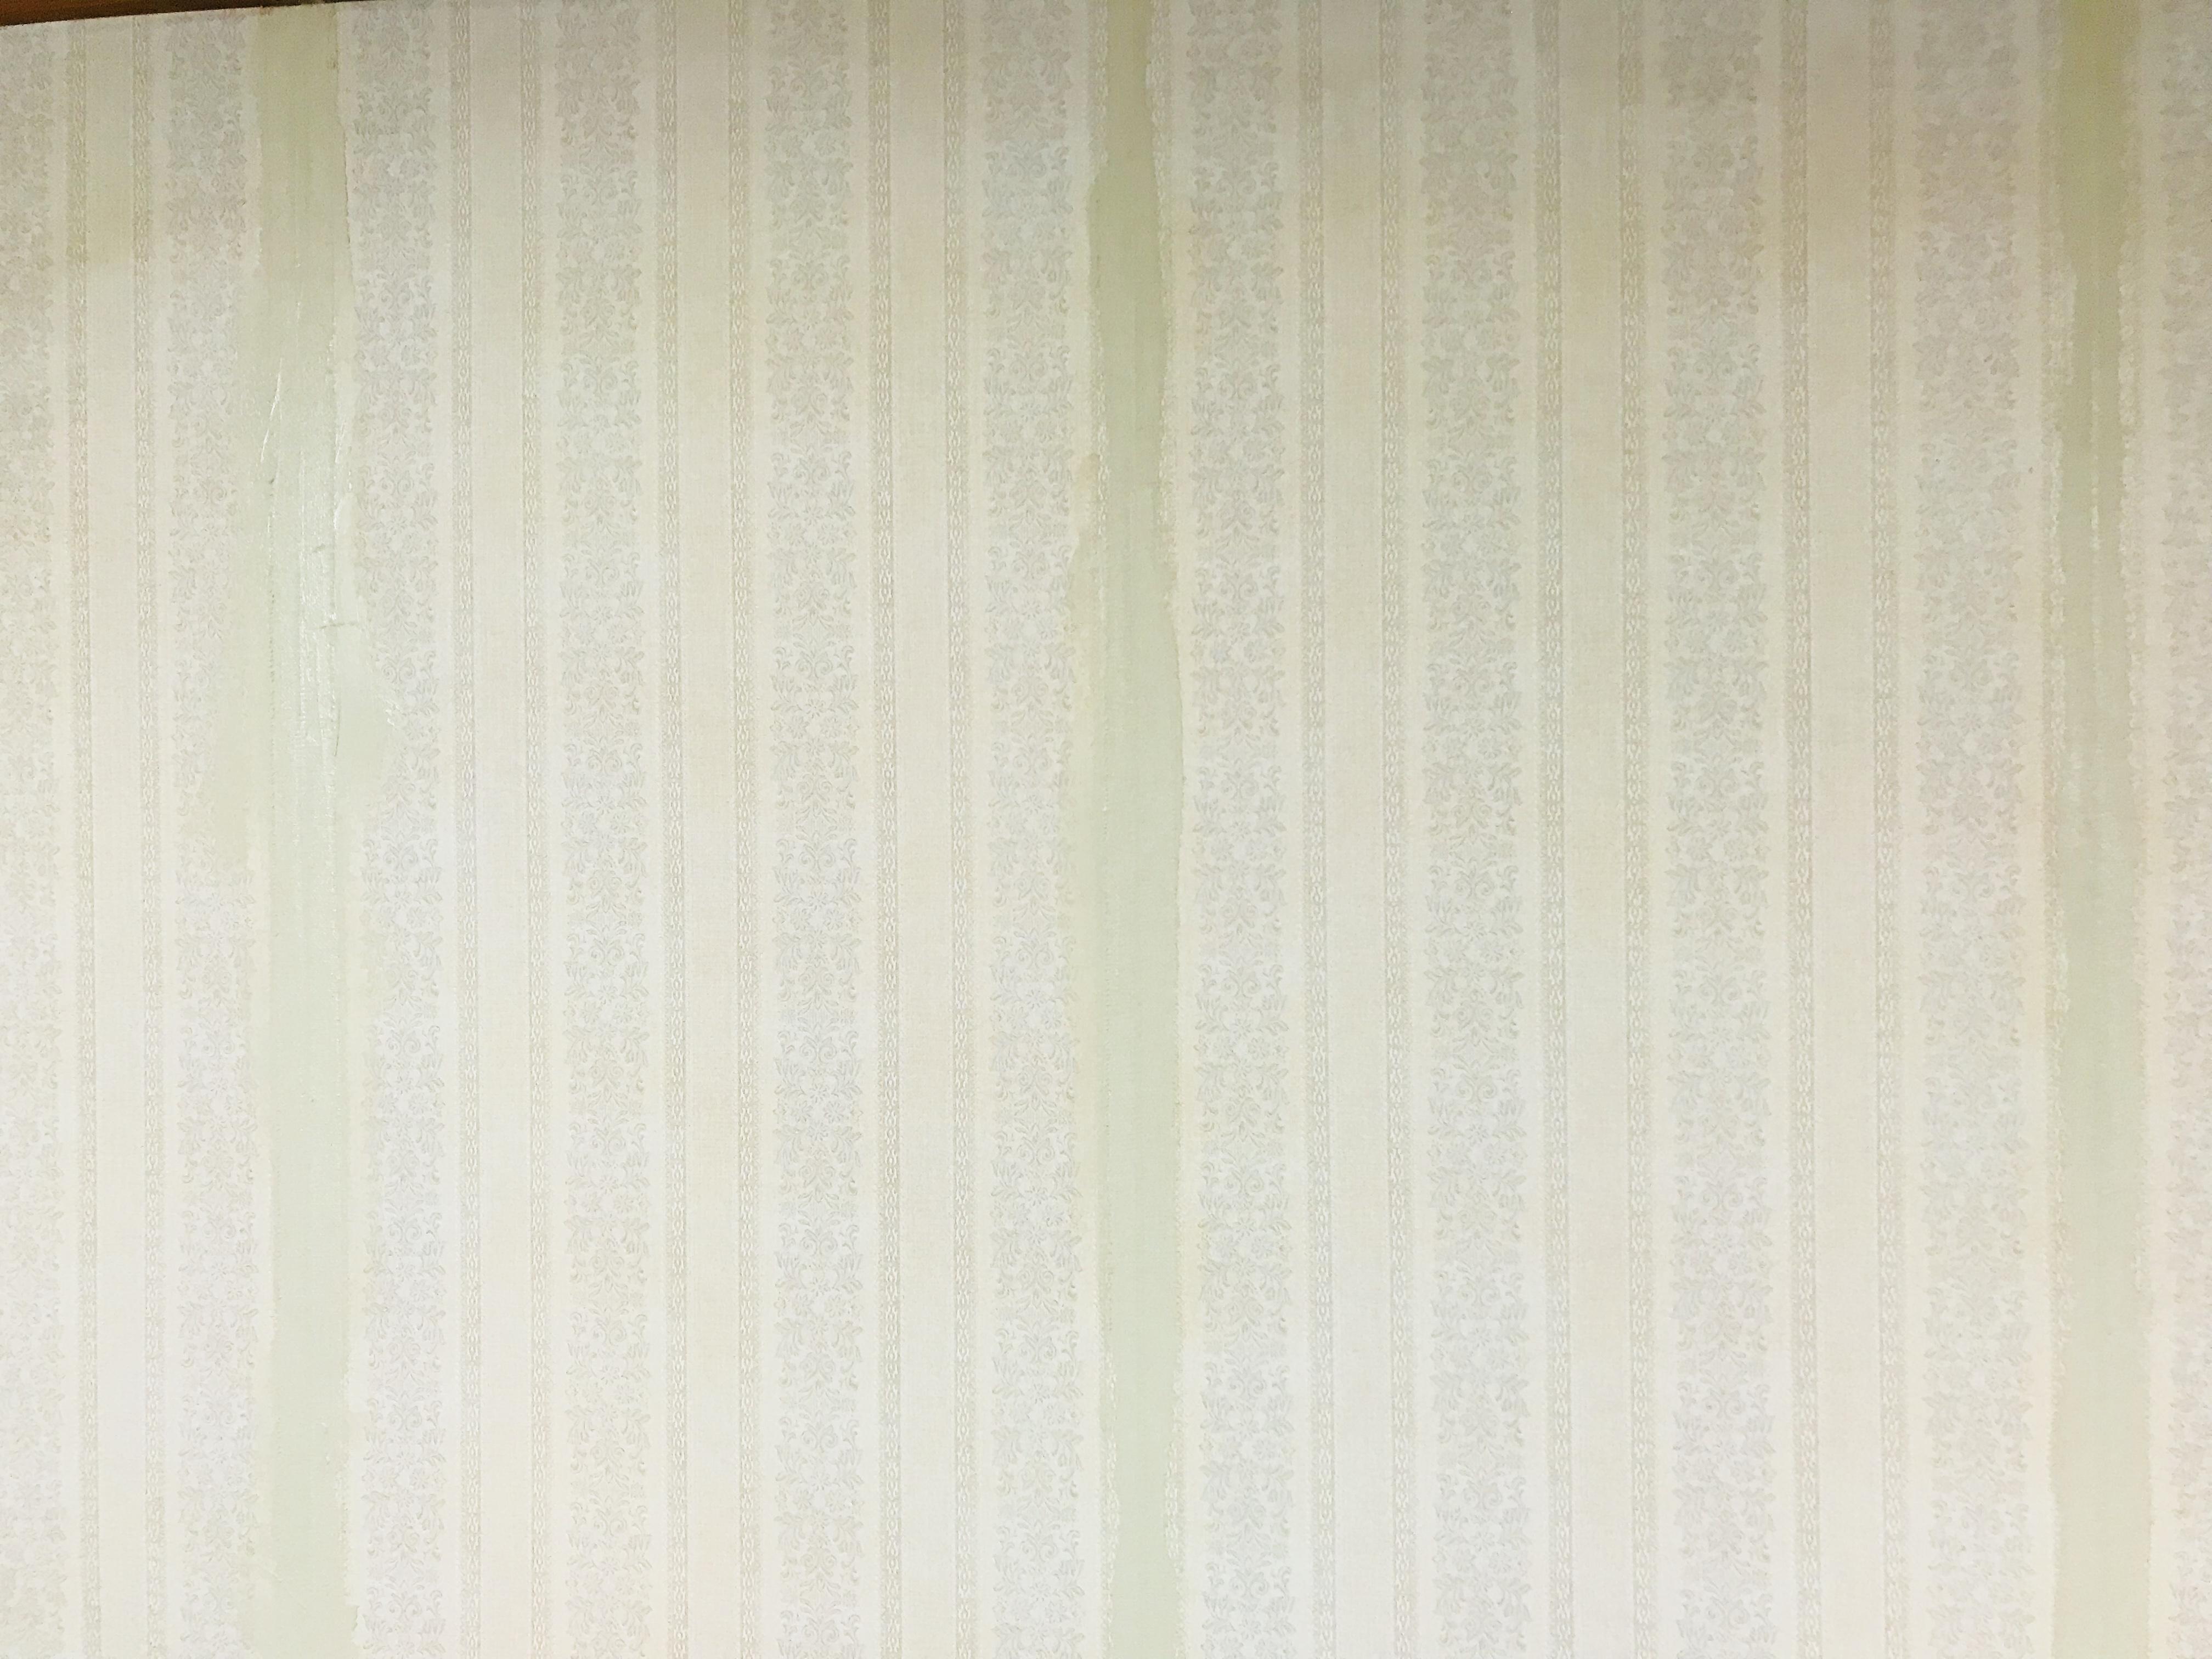 壁紙下地のパテ塗り